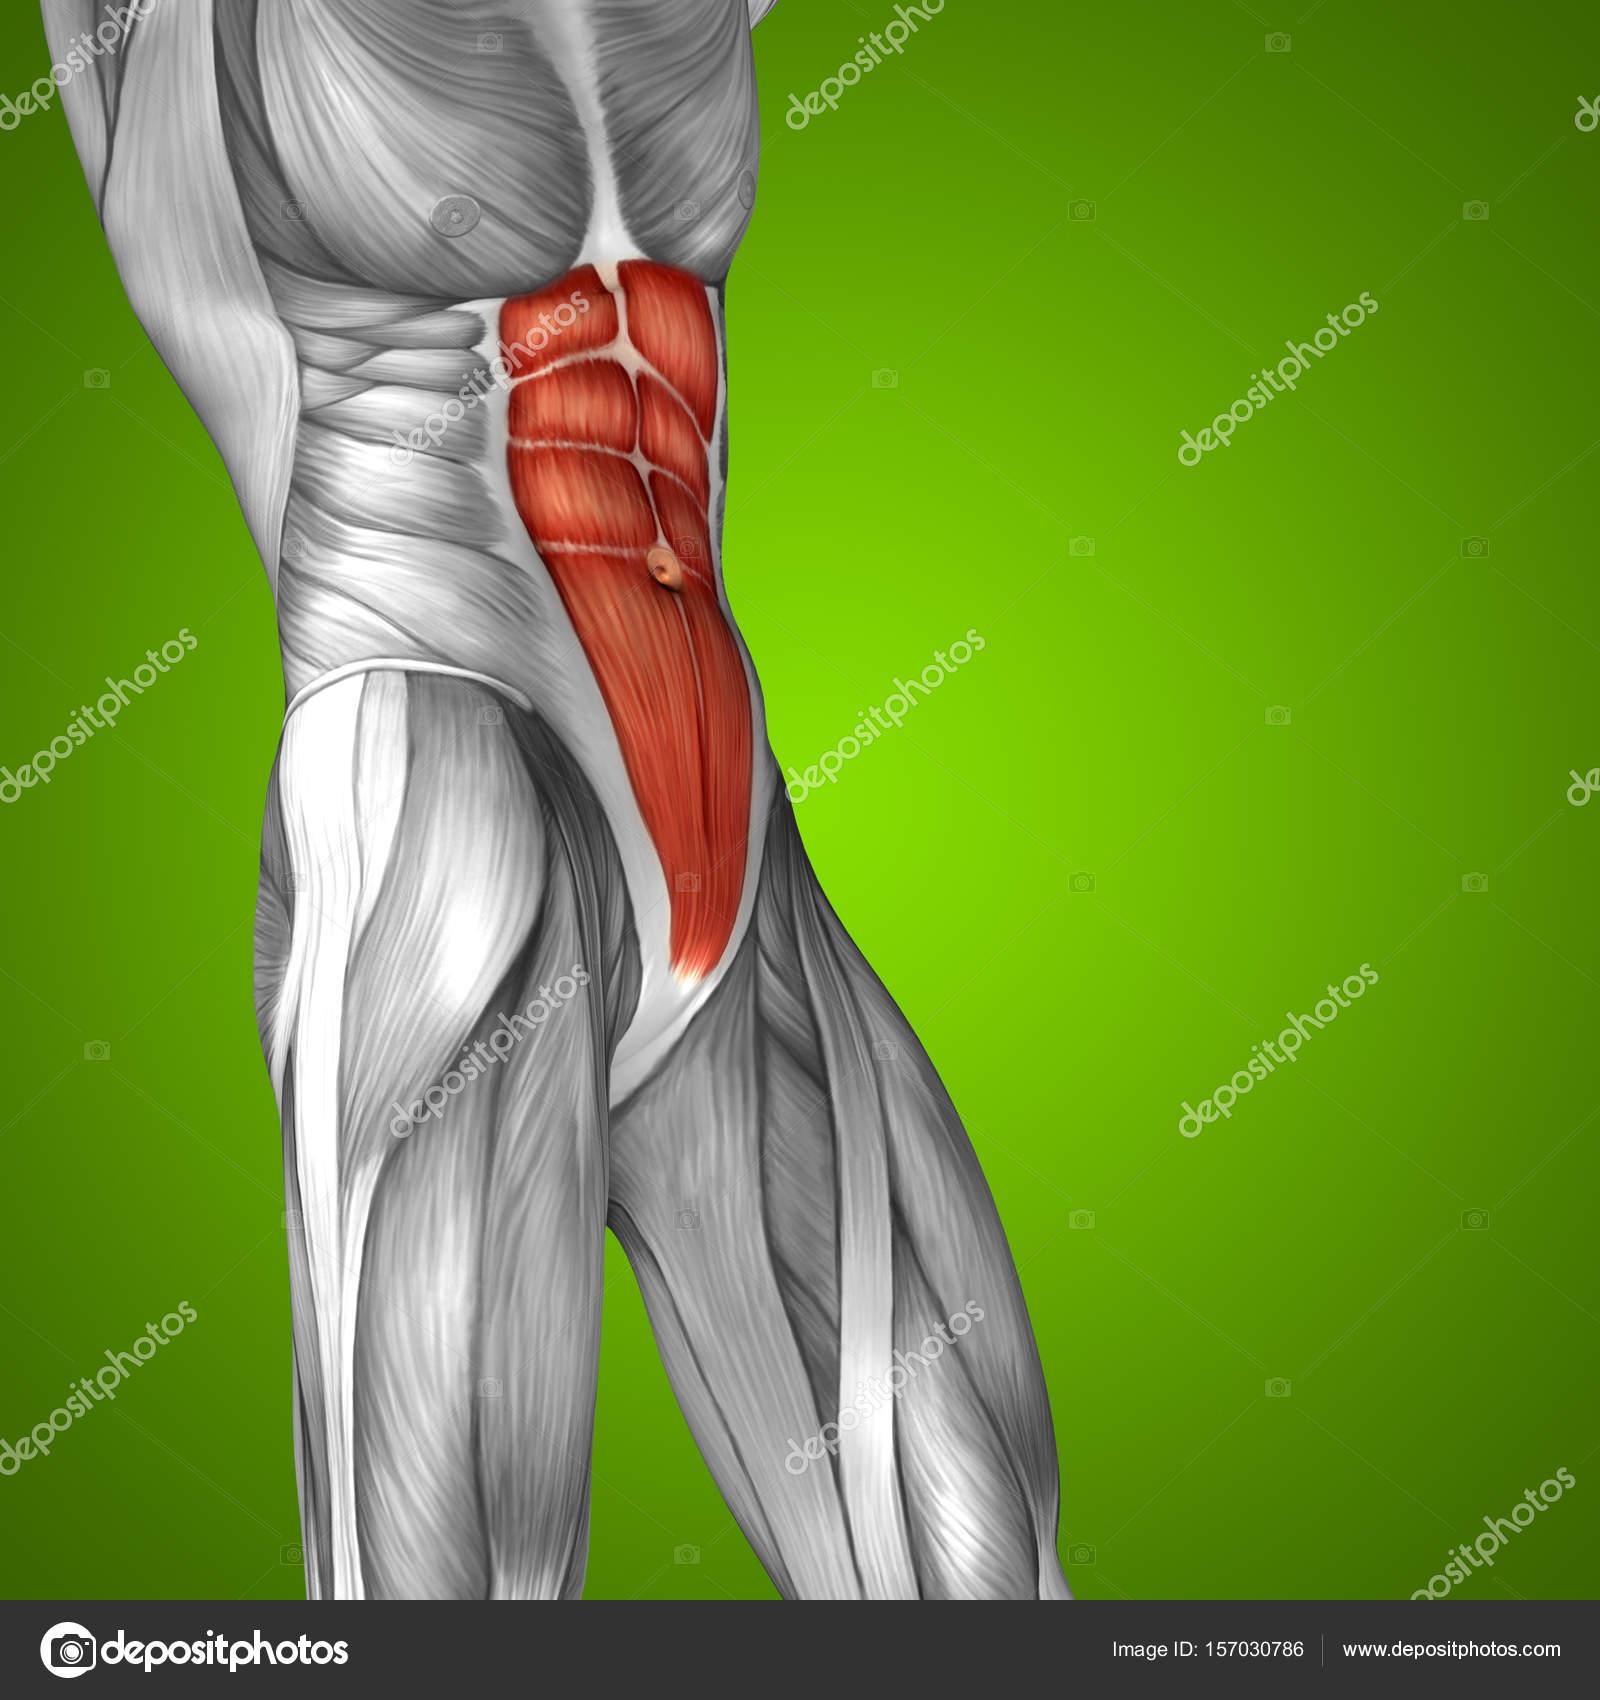 menschliche Anatomie oder anatomischen — Stockfoto © design36 #157030786